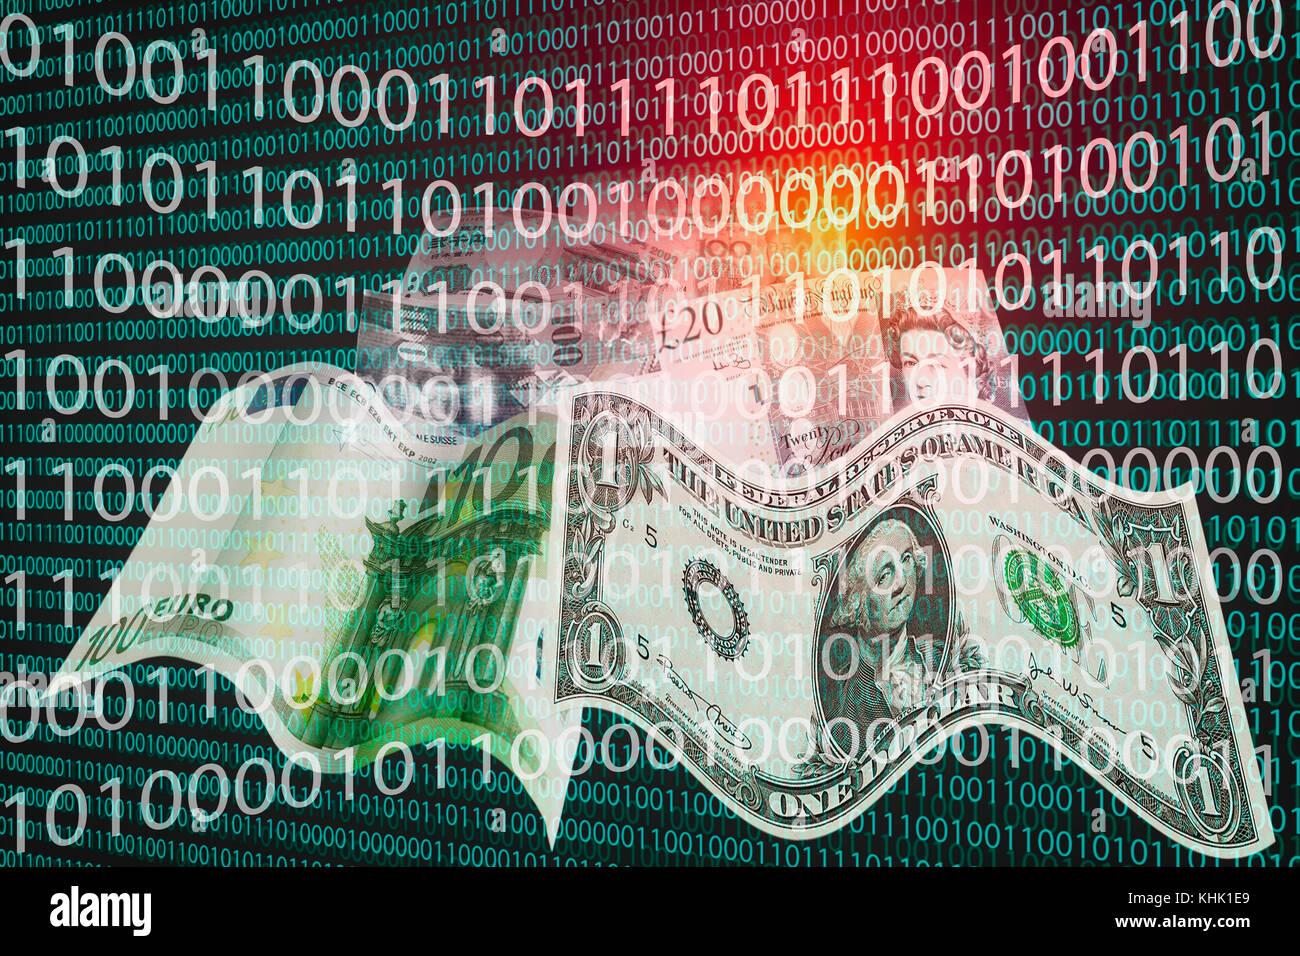 Der binäre Code und Banknoten verschiedener Währungen symbolisiert cryptocurrencies als neues Zahlungsmittel Stockbild